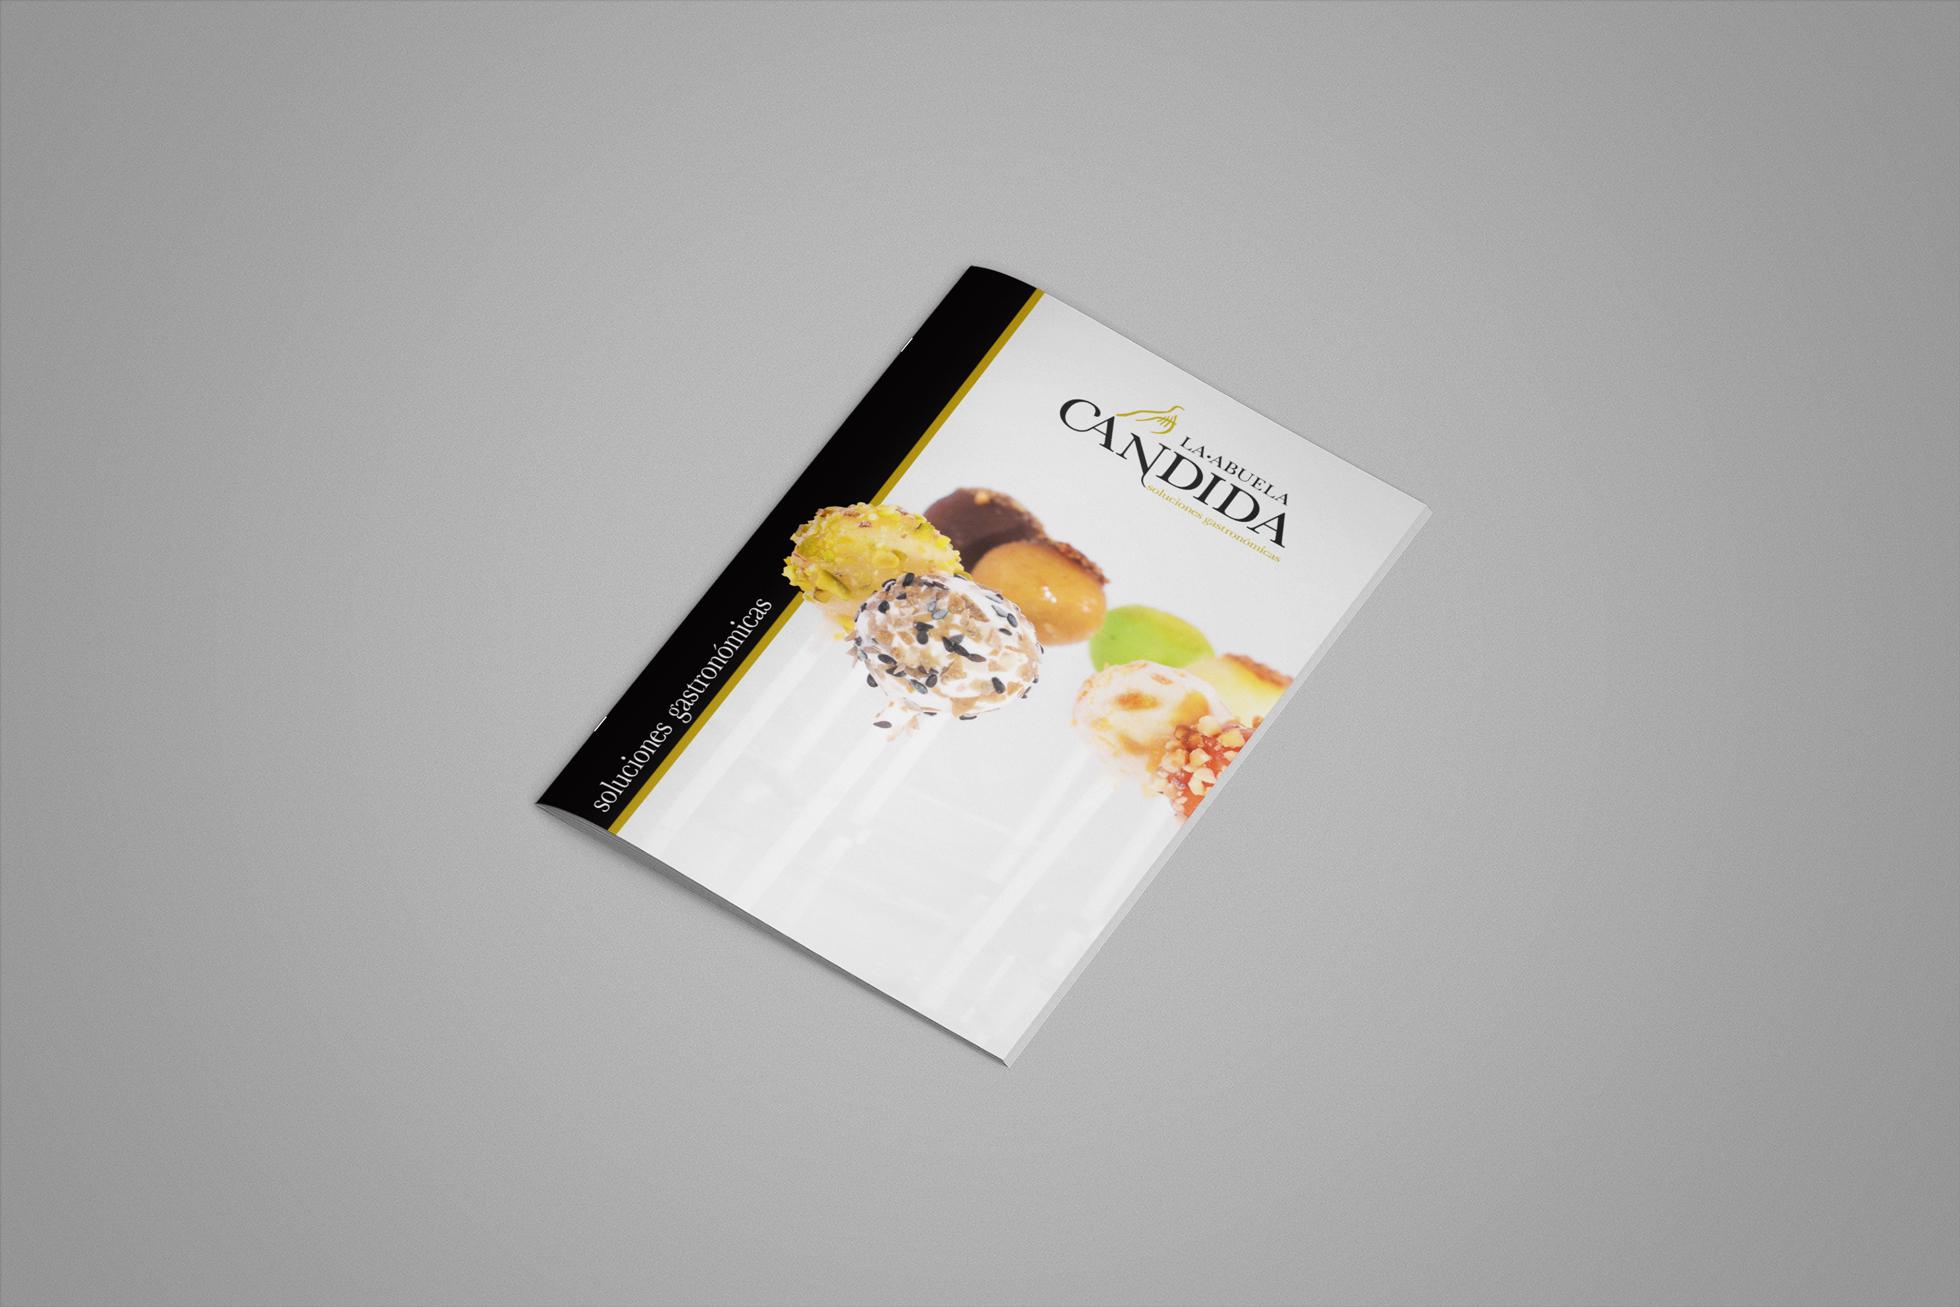 diseño portada catálogo marca conservas